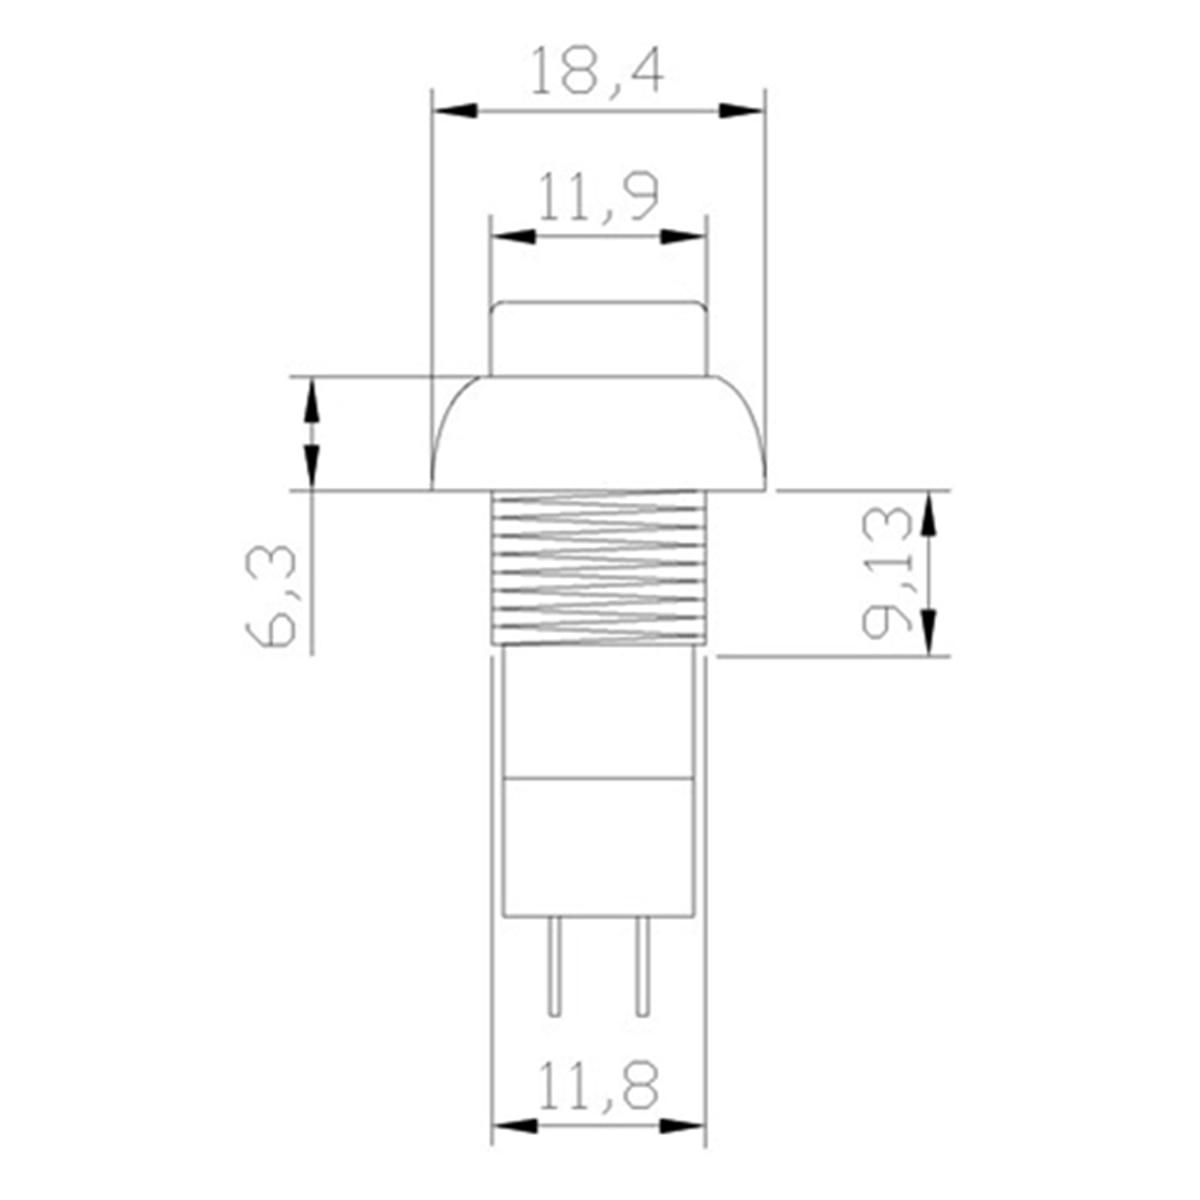 1 шт. PBS-11A PBS-11B 12 мм, самофиксирующиеся самовосстановления Пластик кнопочный переключатель мгновенного 3A 250V AC 2PIN 6 видов цветов